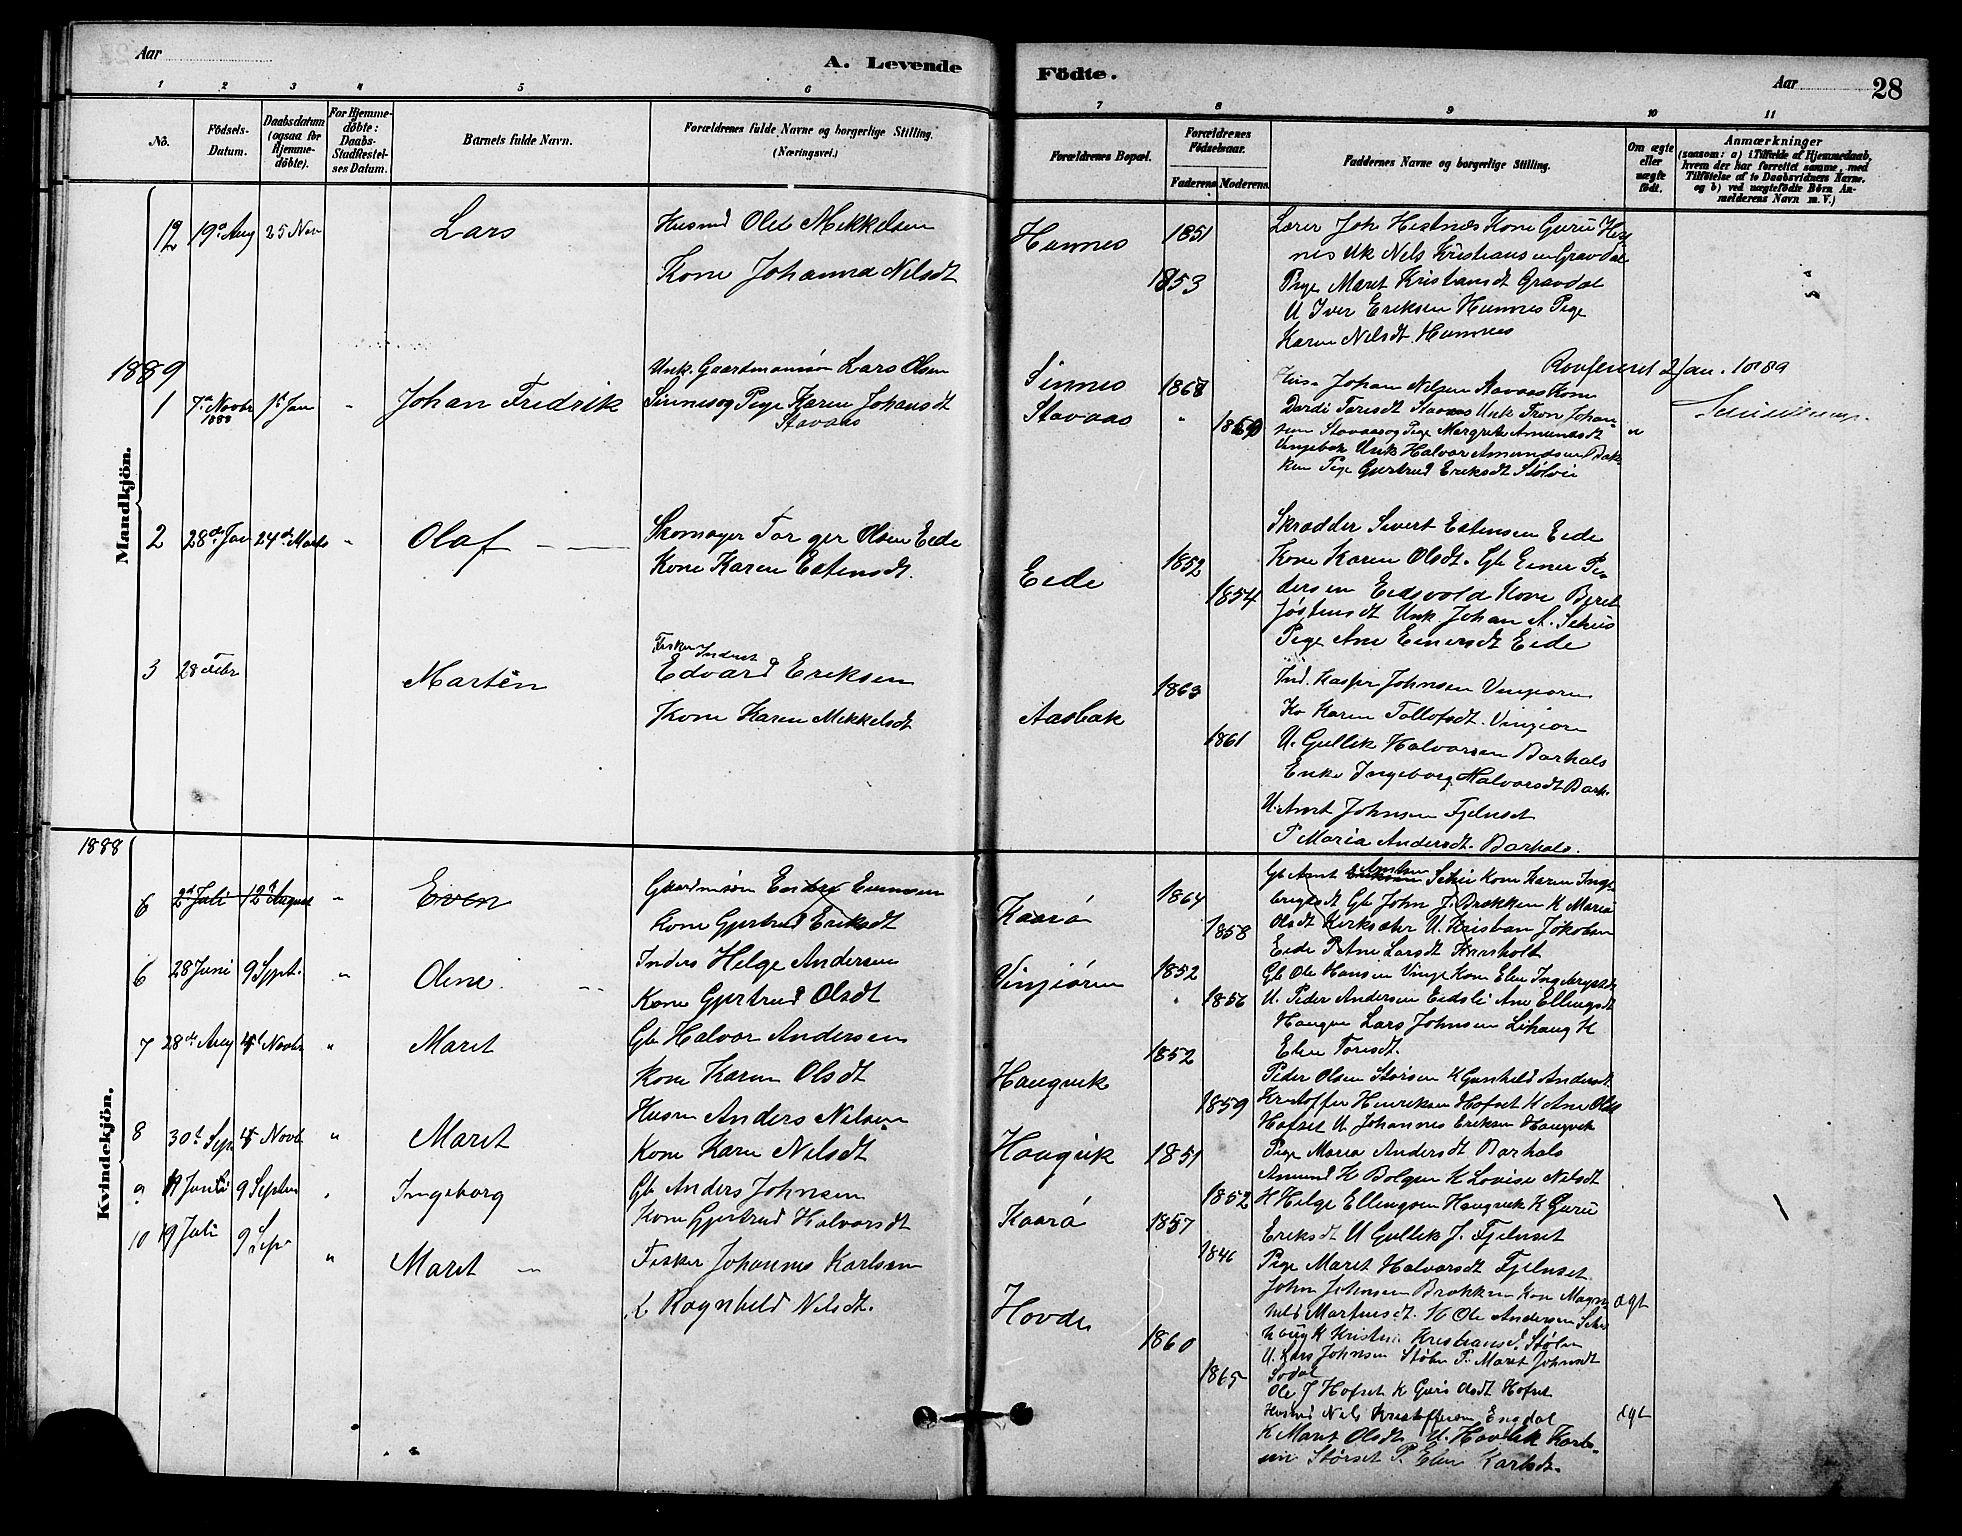 SAT, Ministerialprotokoller, klokkerbøker og fødselsregistre - Sør-Trøndelag, 631/L0514: Klokkerbok nr. 631C02, 1879-1912, s. 28